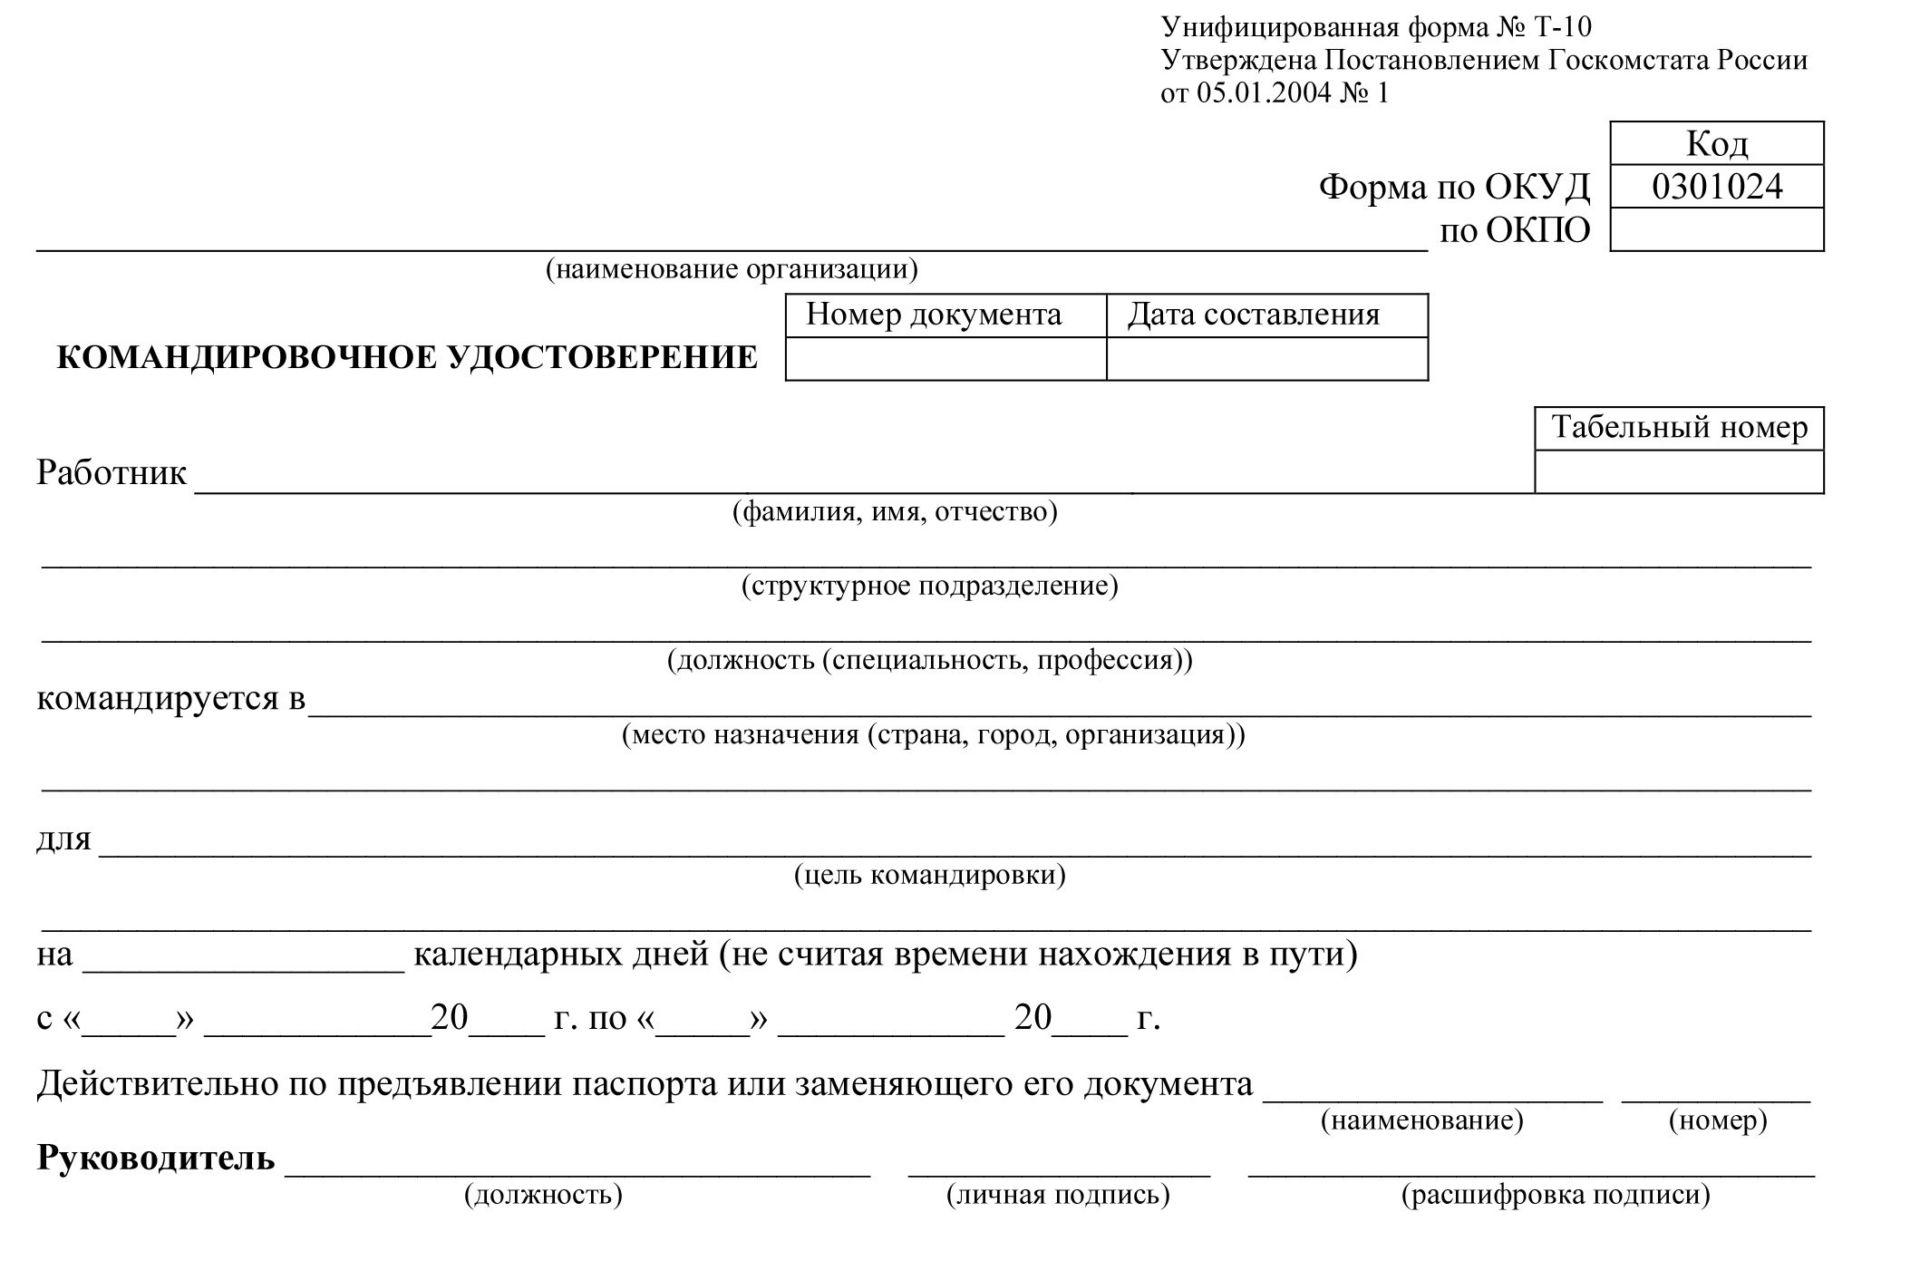 Командировочное удостоверение (форма № Т-10): упаковка 100 шт.Журналы и бланки для организаций различных форм собственности, включая ОО и ДОО<br>.<br><br>Год: 2017<br>Высота: 195<br>Ширина: 140<br>Переплёт: бланк